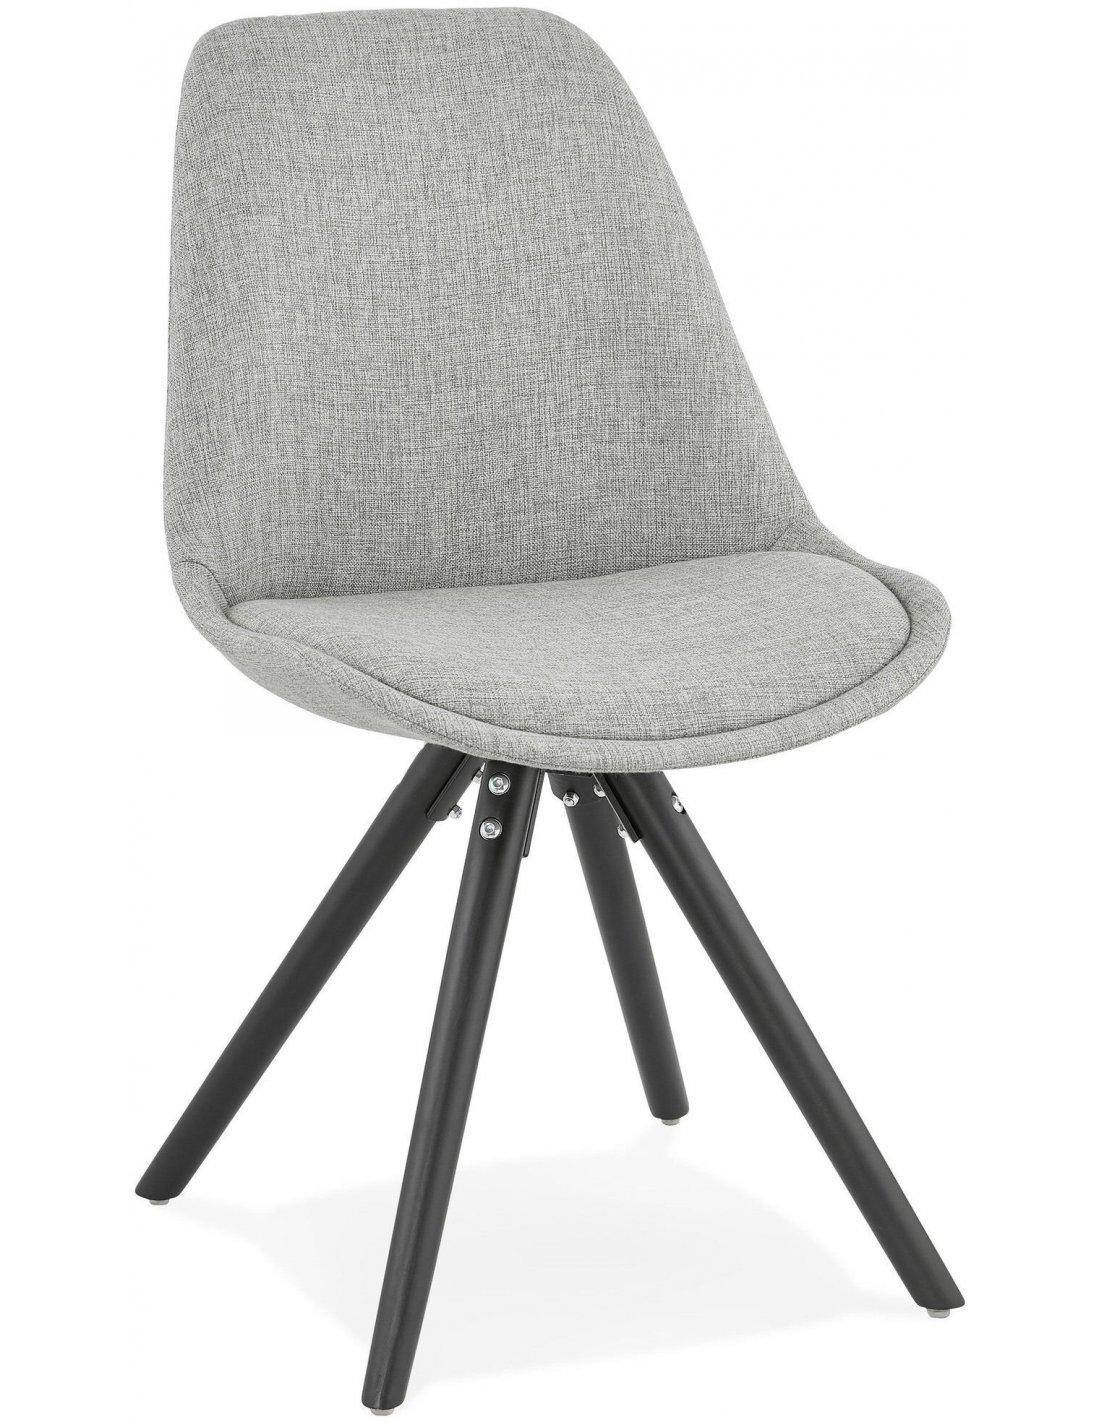 Chaise Design Textile Gris BRASA Chaises De Cuisine Et Salle Manger Kokoon